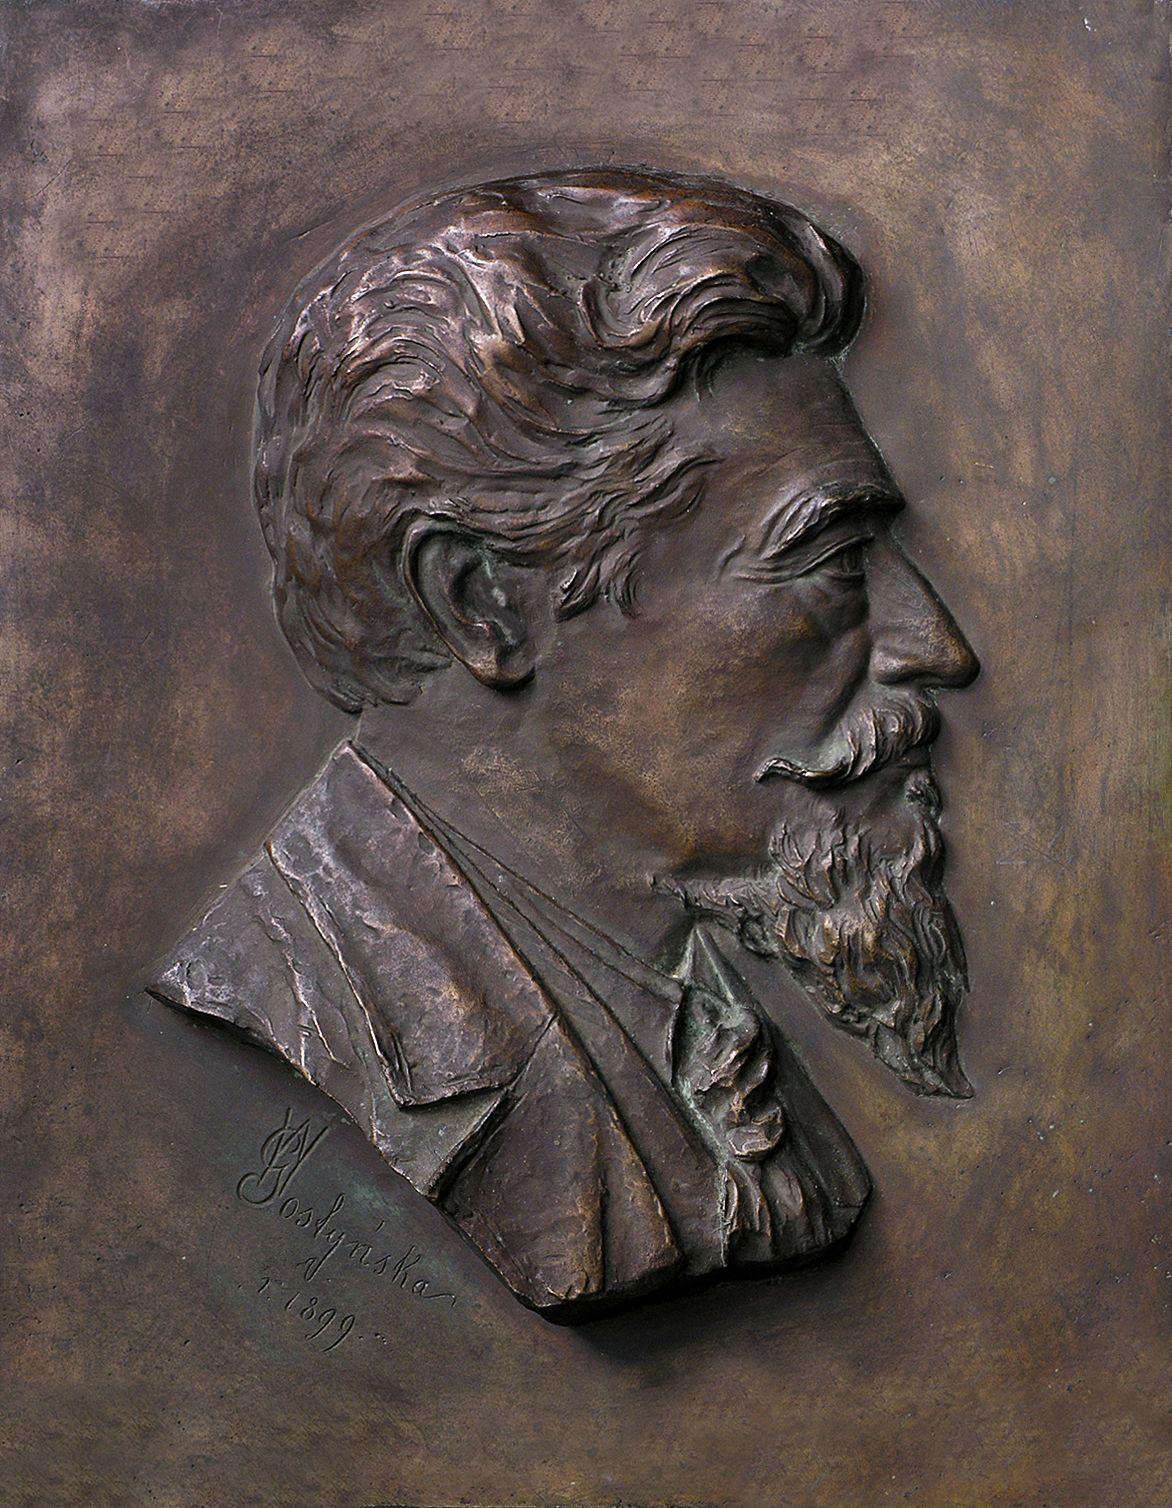 Владислава Ґостинська. Лозинський Едмунд-Кароль, 1899; бр. 46-37